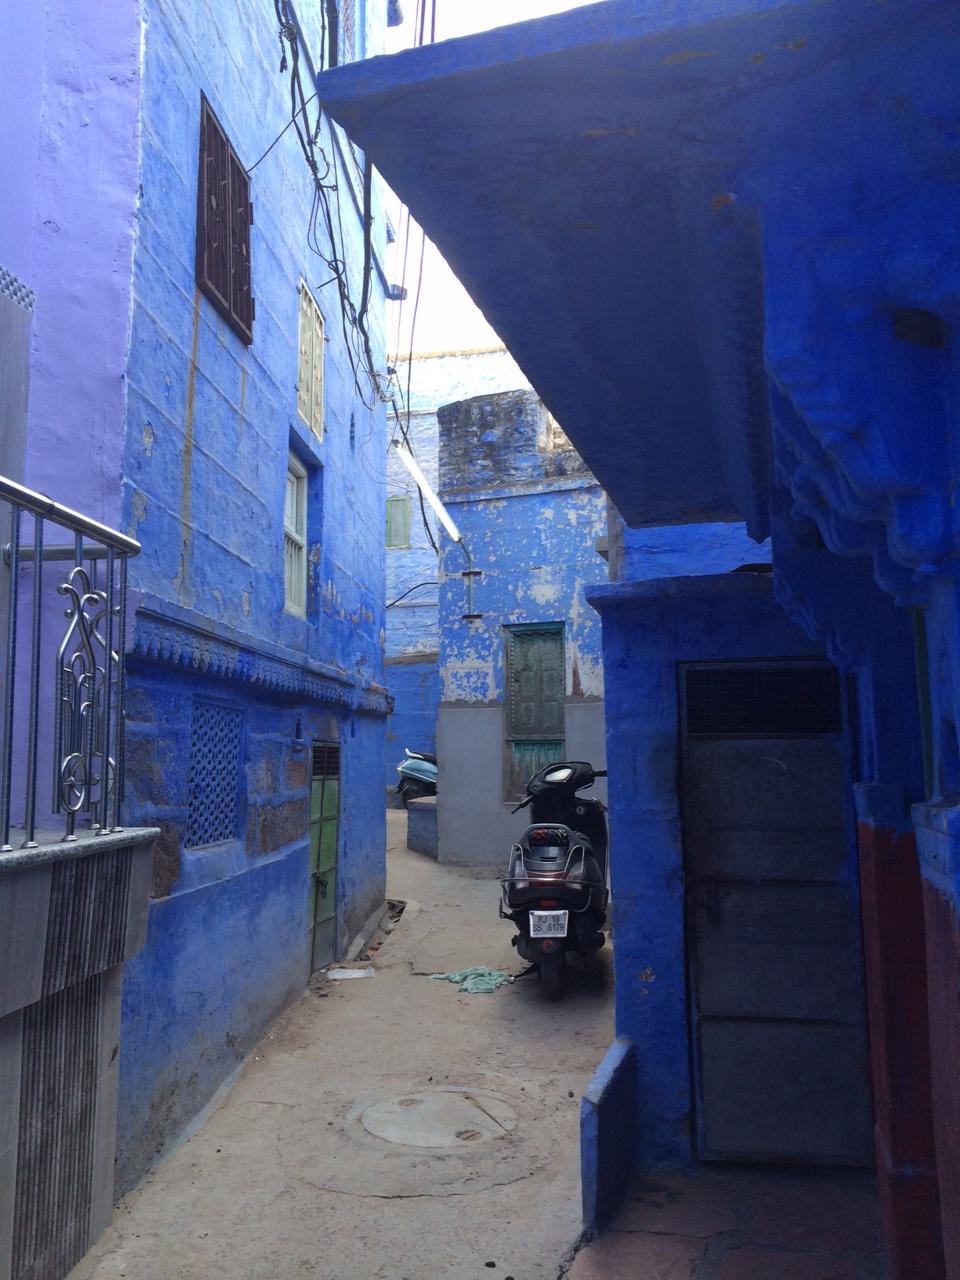 le bleu se repand sur la ville2_30may.JPG